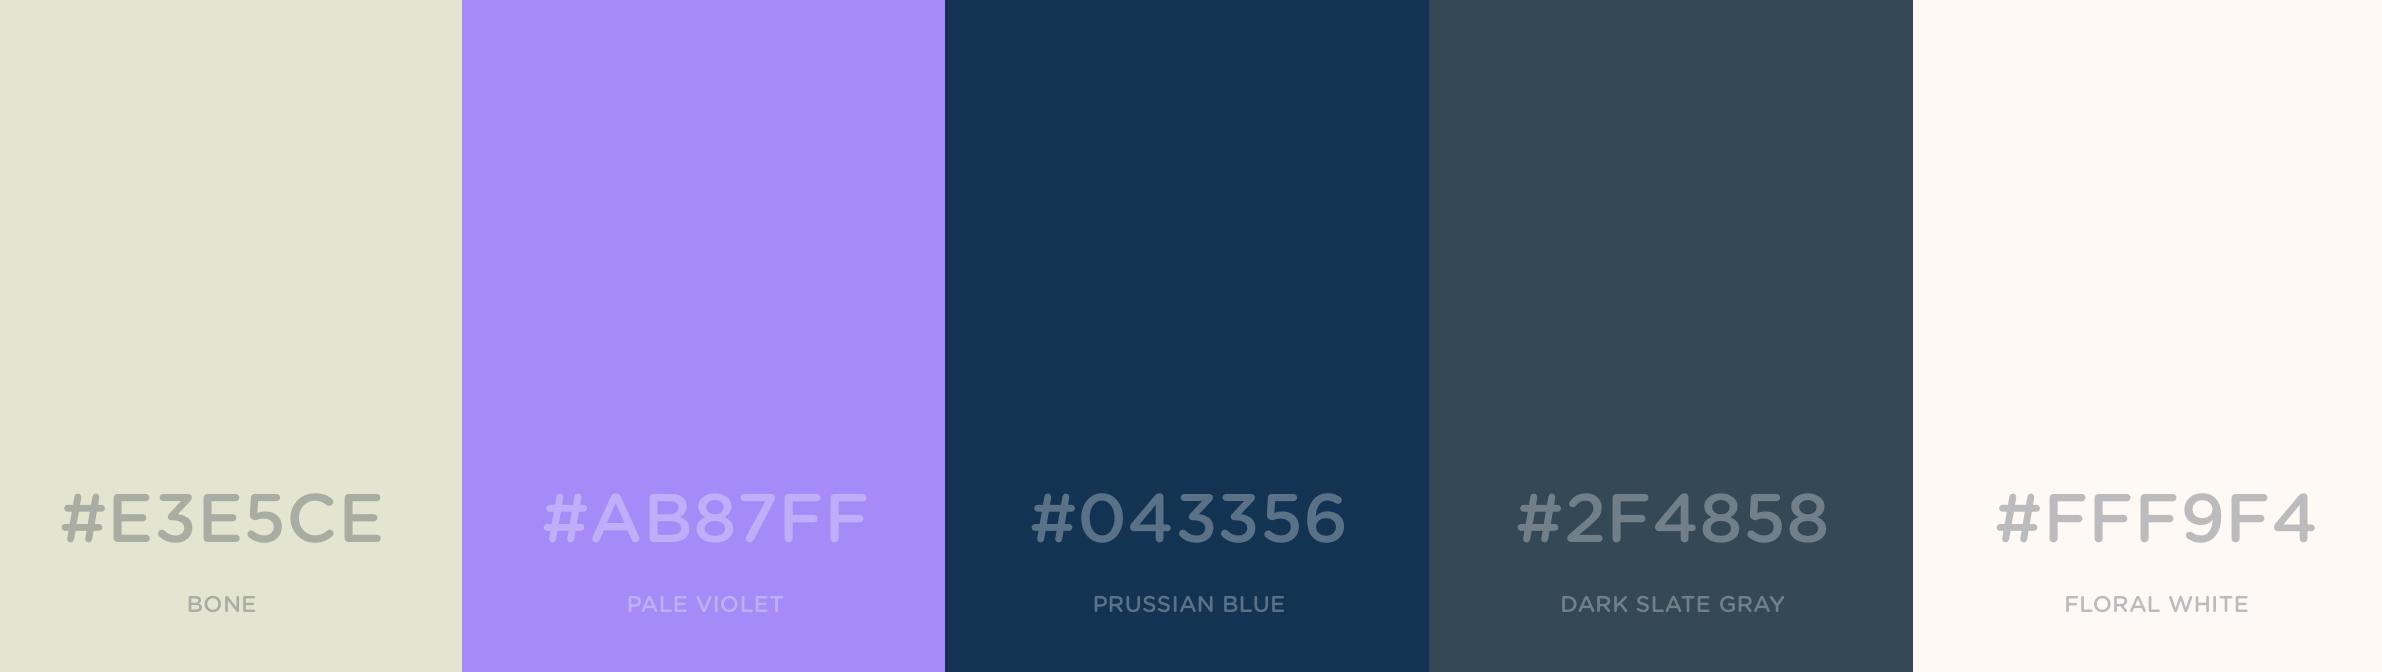 color palettejacket.jpg